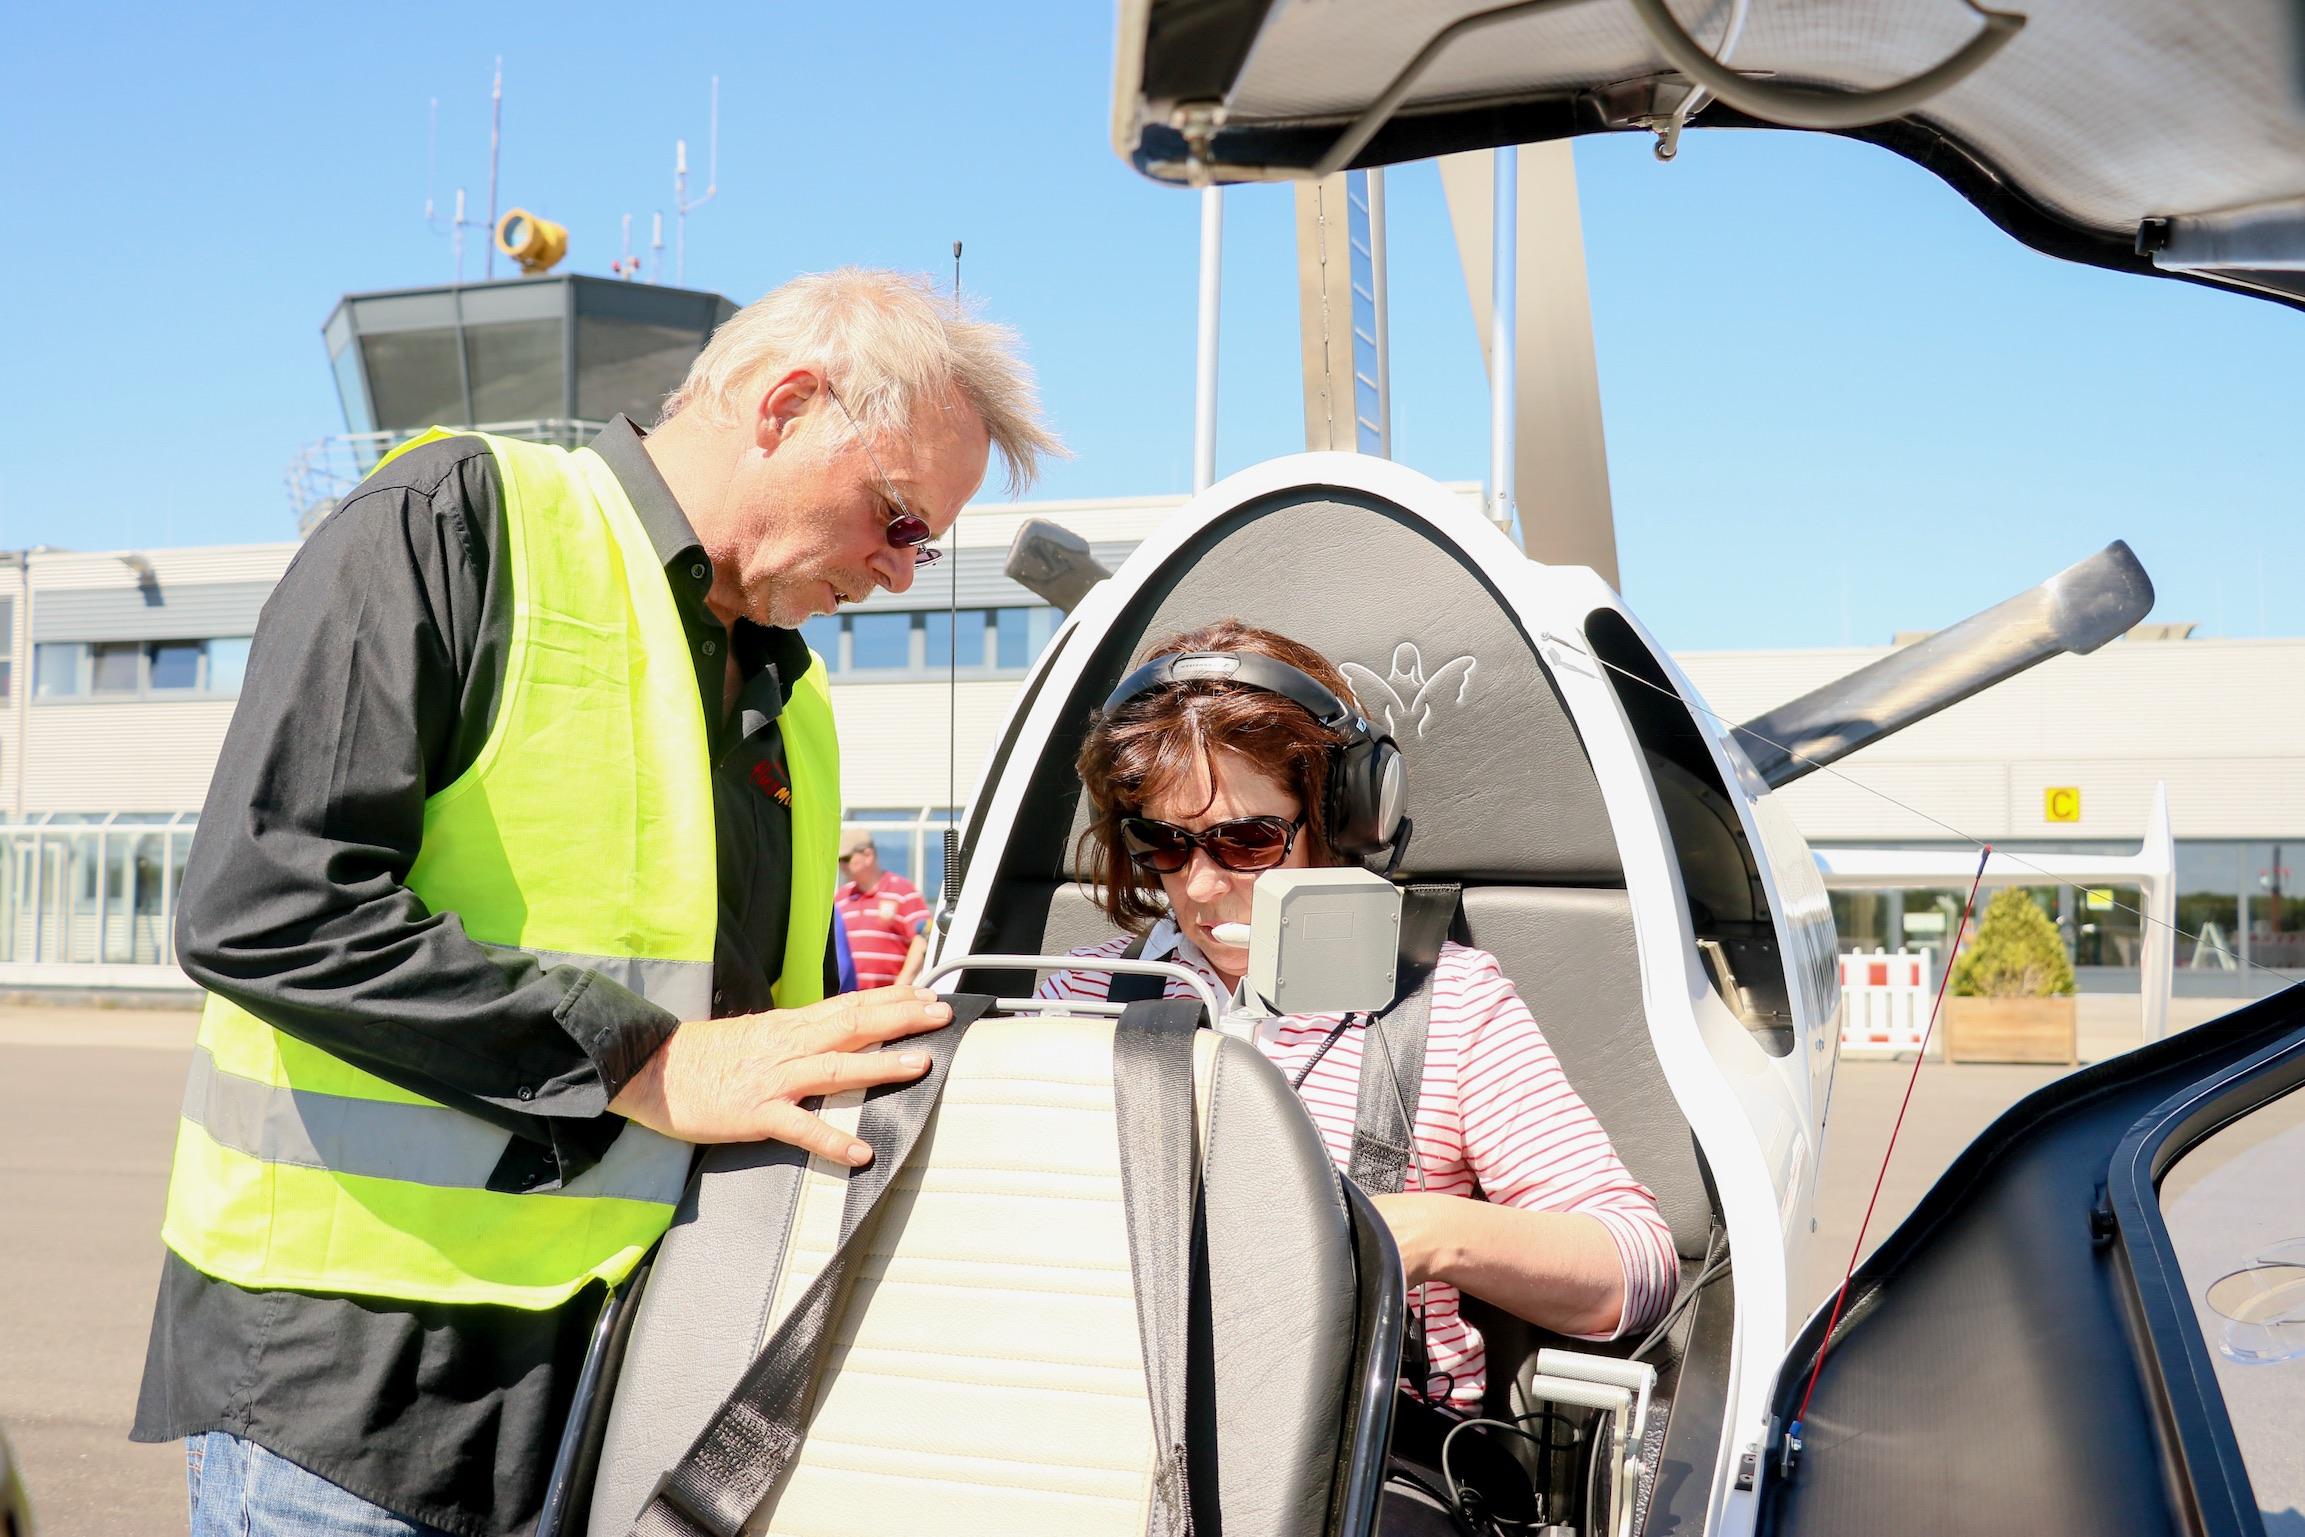 Nahaufnahme eines Tragschraubers auf der Freifläche eines Flughafens. eine Passagierin sitzt im hinteren Teil des Fliegers., Pilot Bernd Koop, der eine gelbe Warnweste trägt, erklärt ihr den Anschnallgurt, Foto: Bastian Kruskop.